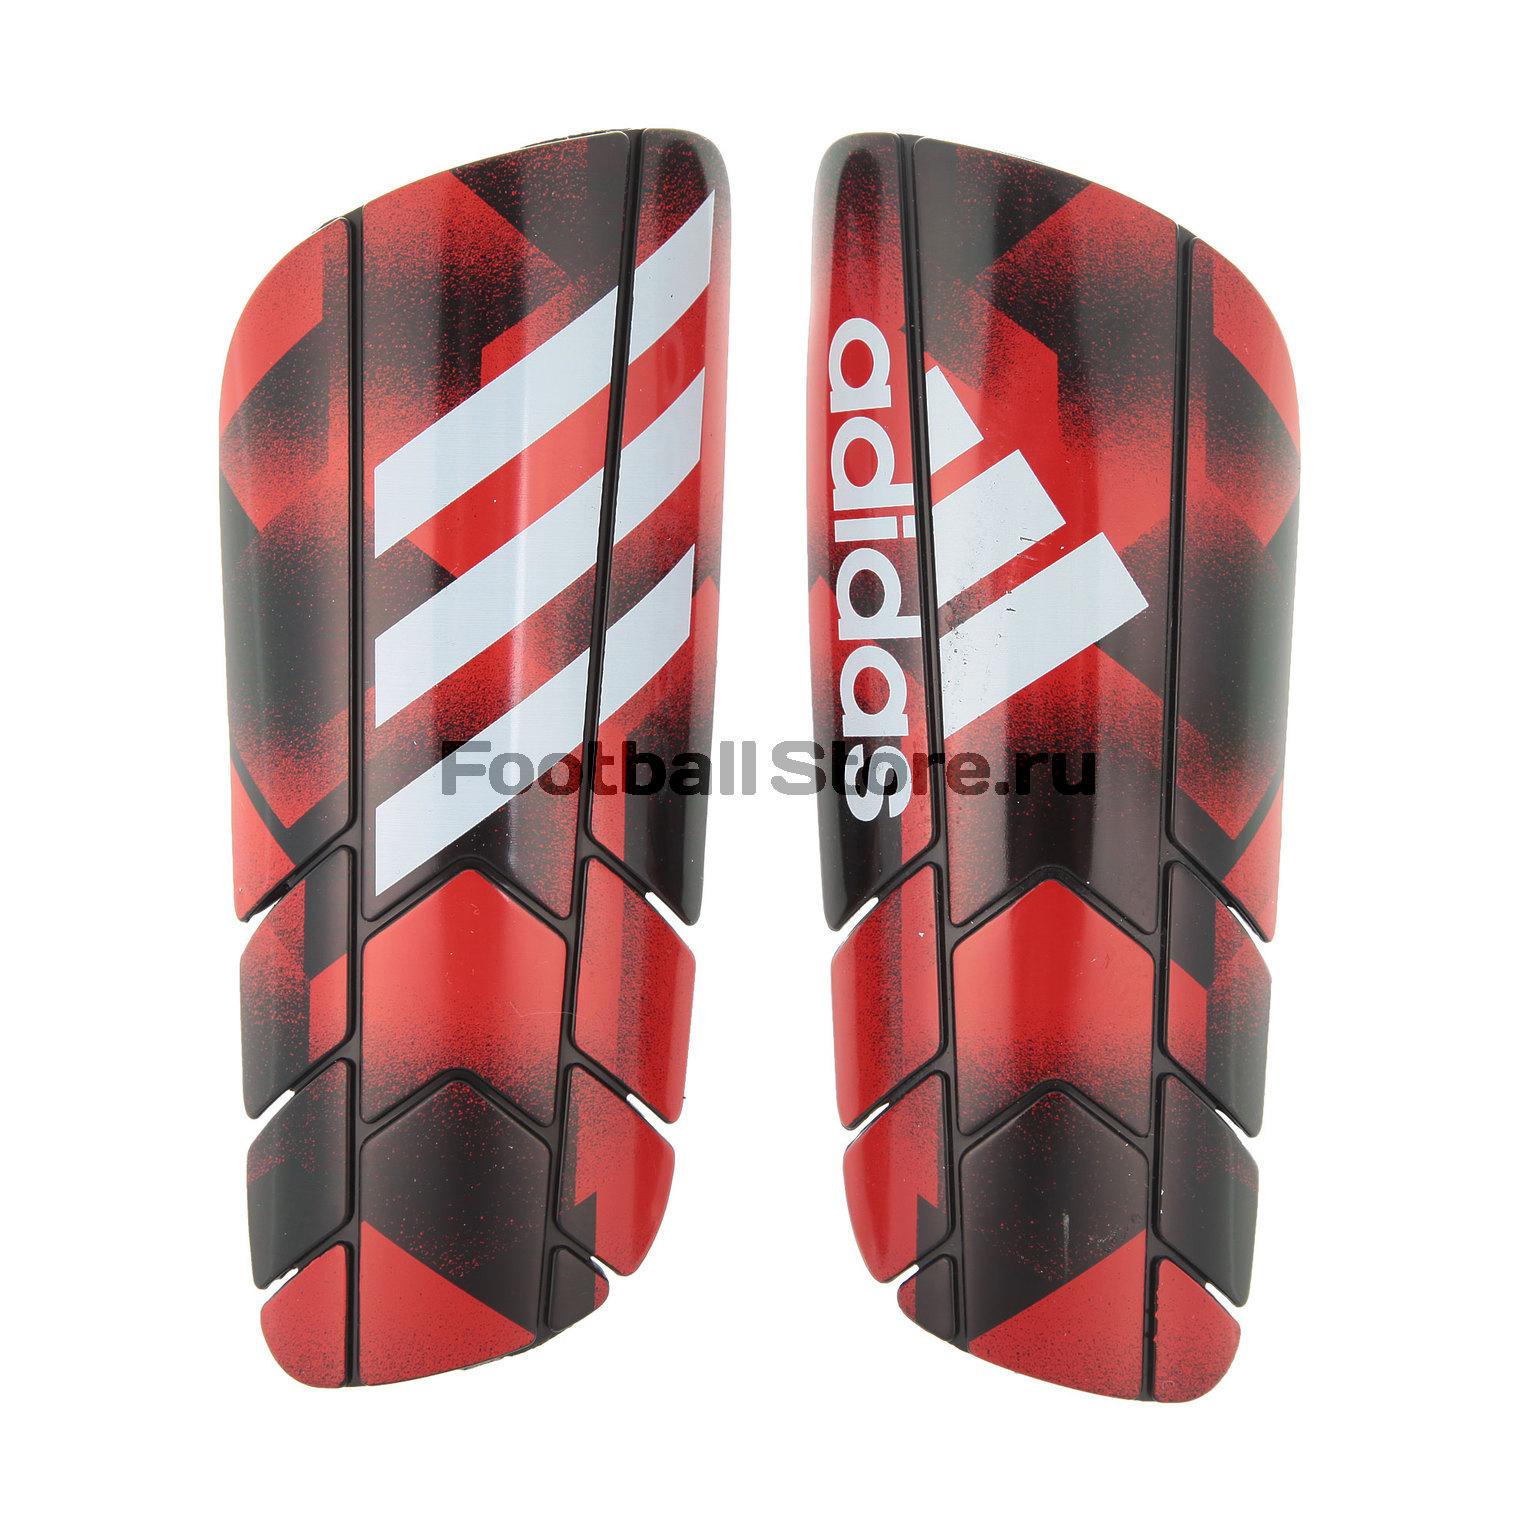 Защита ног Adidas Щитки Adidas Ghost Graph AZ9864 stainless steel square tube rotary electric heating towel bar towel rack